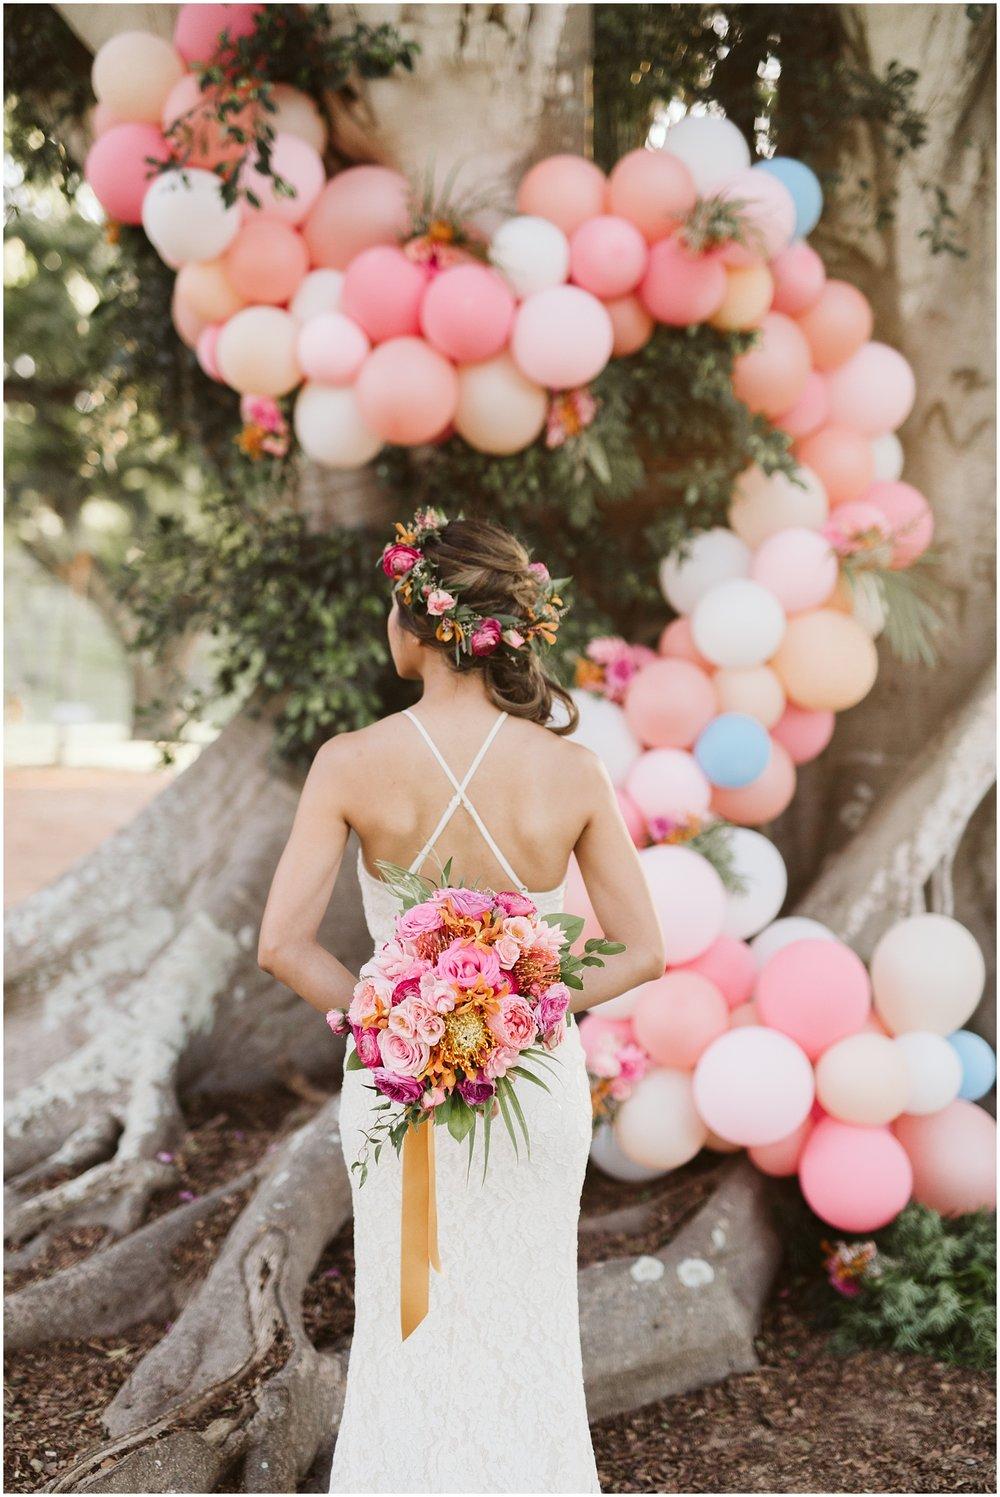 Dillingham-Ranch-Wedding-Photos-Waialua-Hawaii_0064.jpg